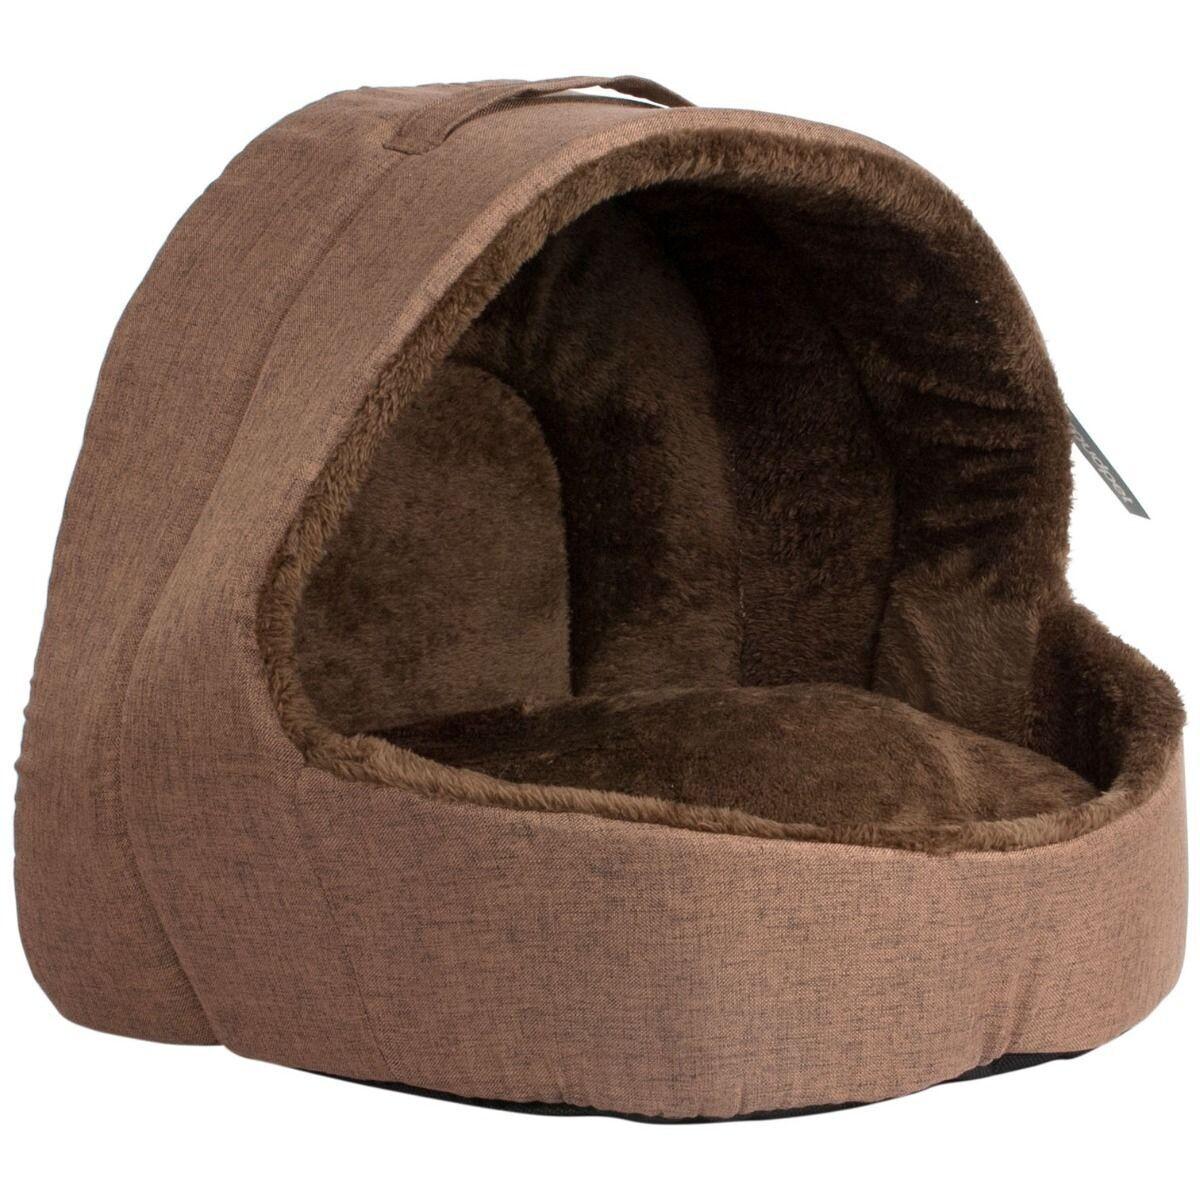 Soft Fleece Cat Igloo Bed - Brown - Ref (6378)